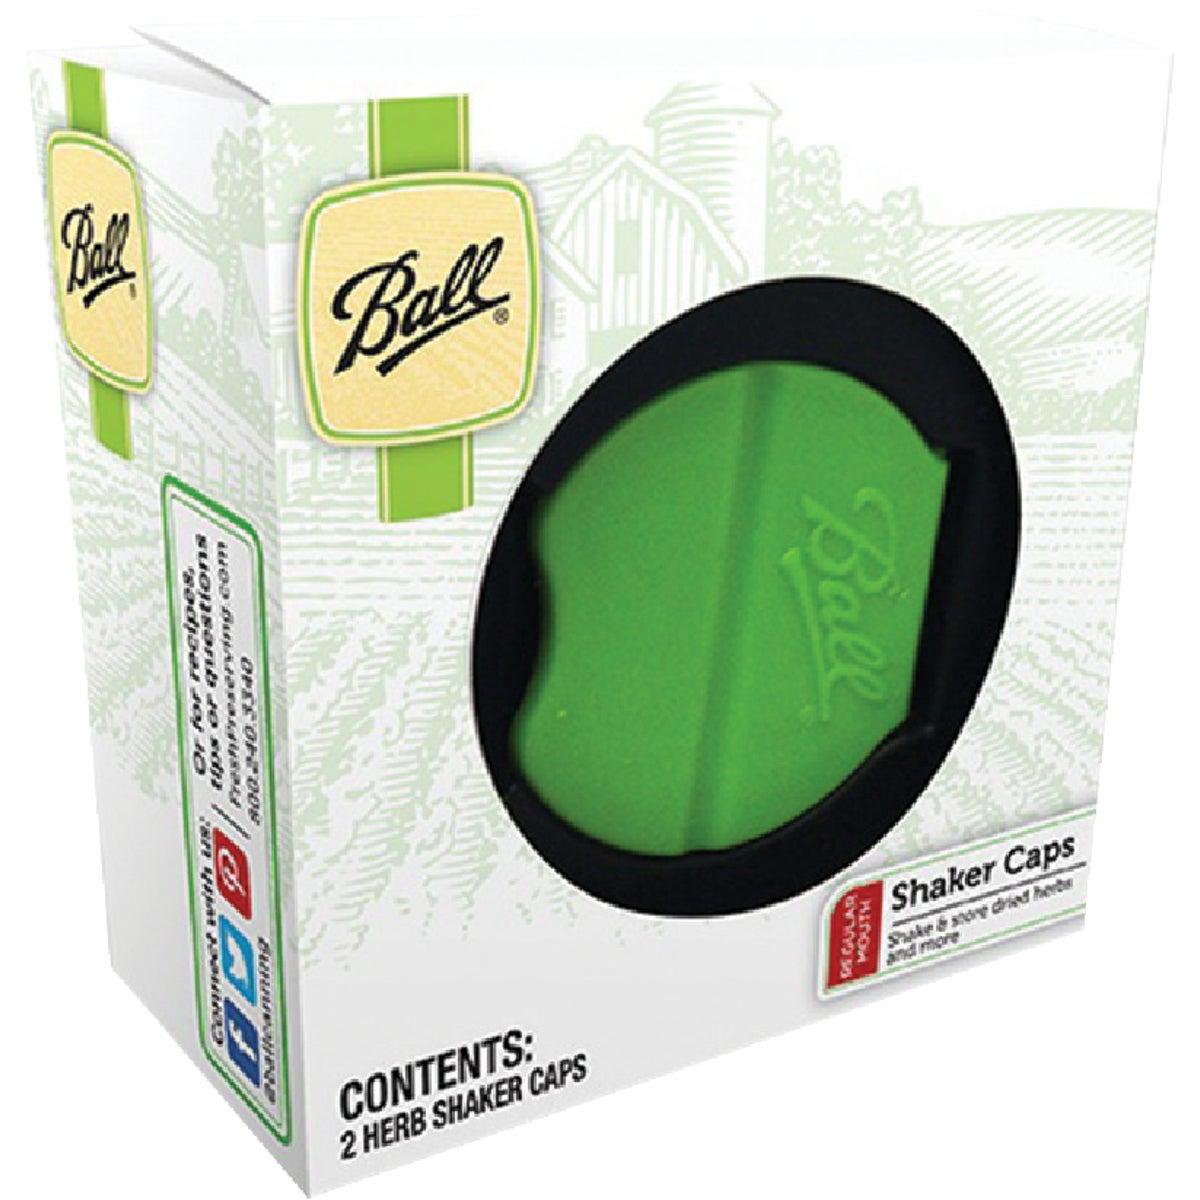 REG 2 BALL HERB SHKR LID - 1440010747 by Jarden Home Brands